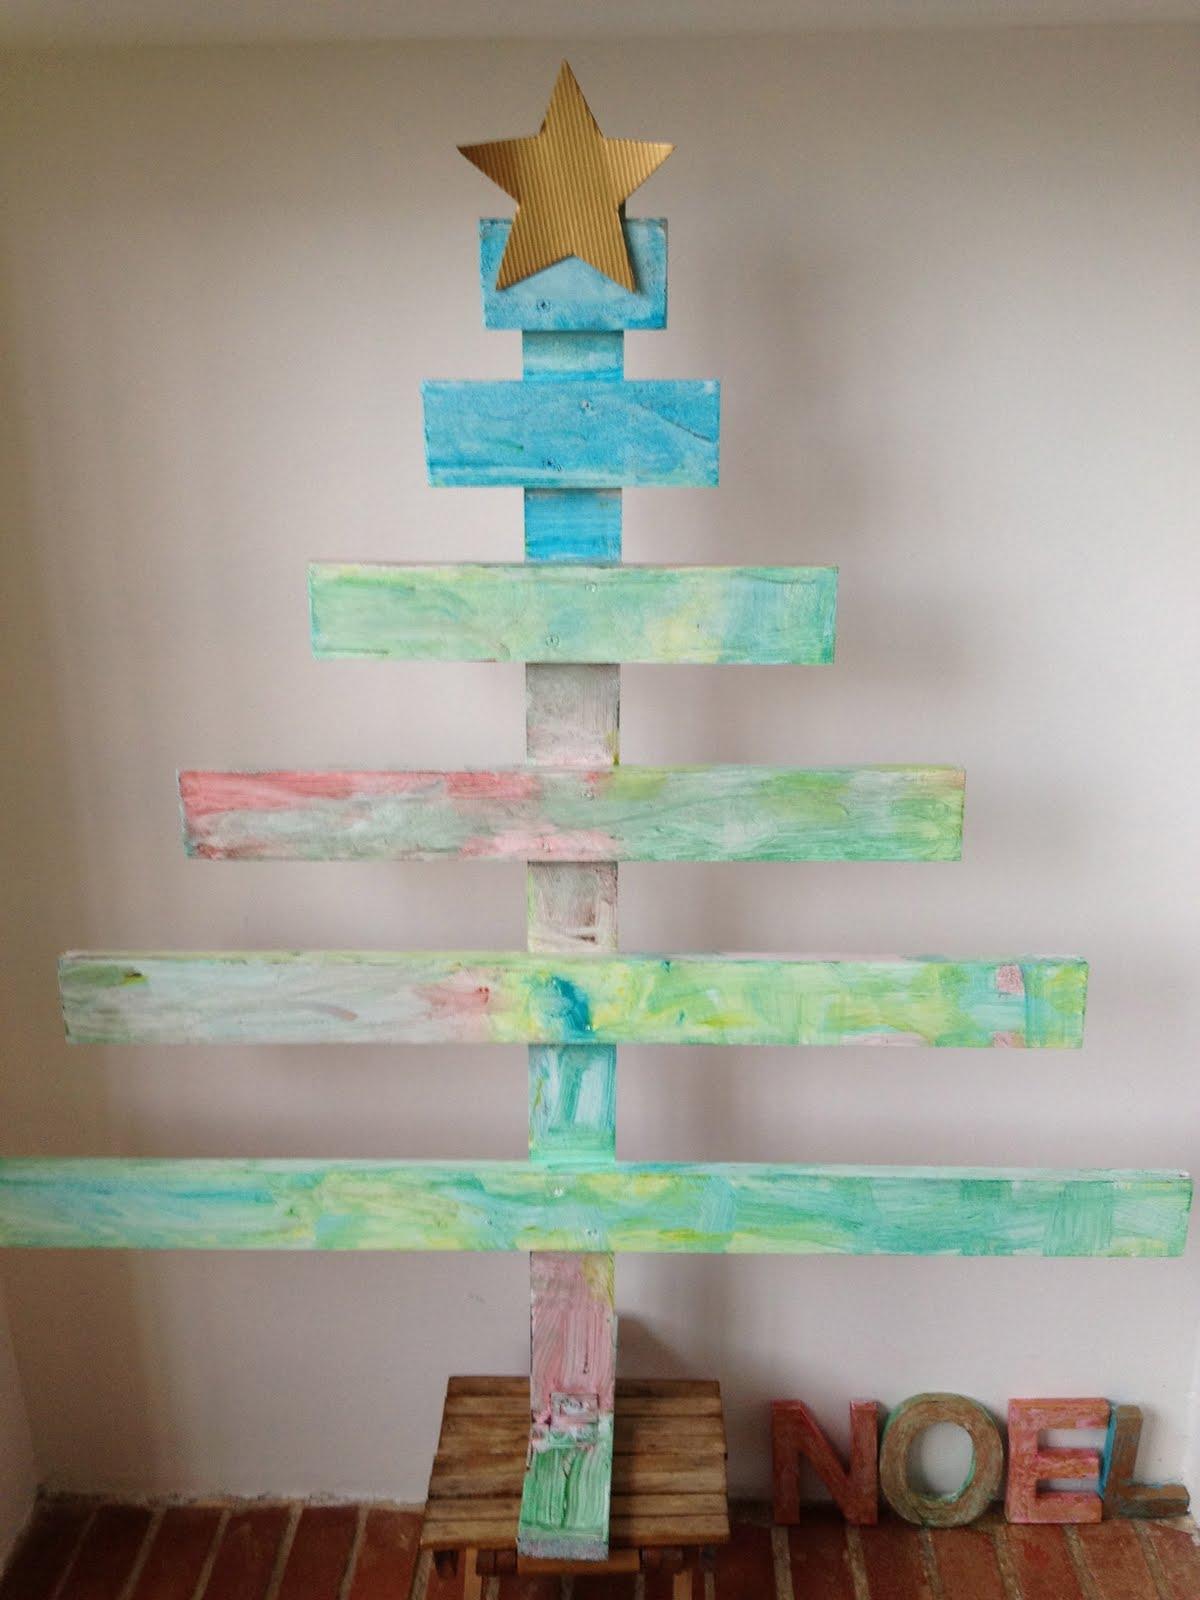 #2E8A9D Joli Brouillon: Sapin De Noël Fait Maison 6421 décoration noel fait maison recup 1200x1600 px @ aertt.com